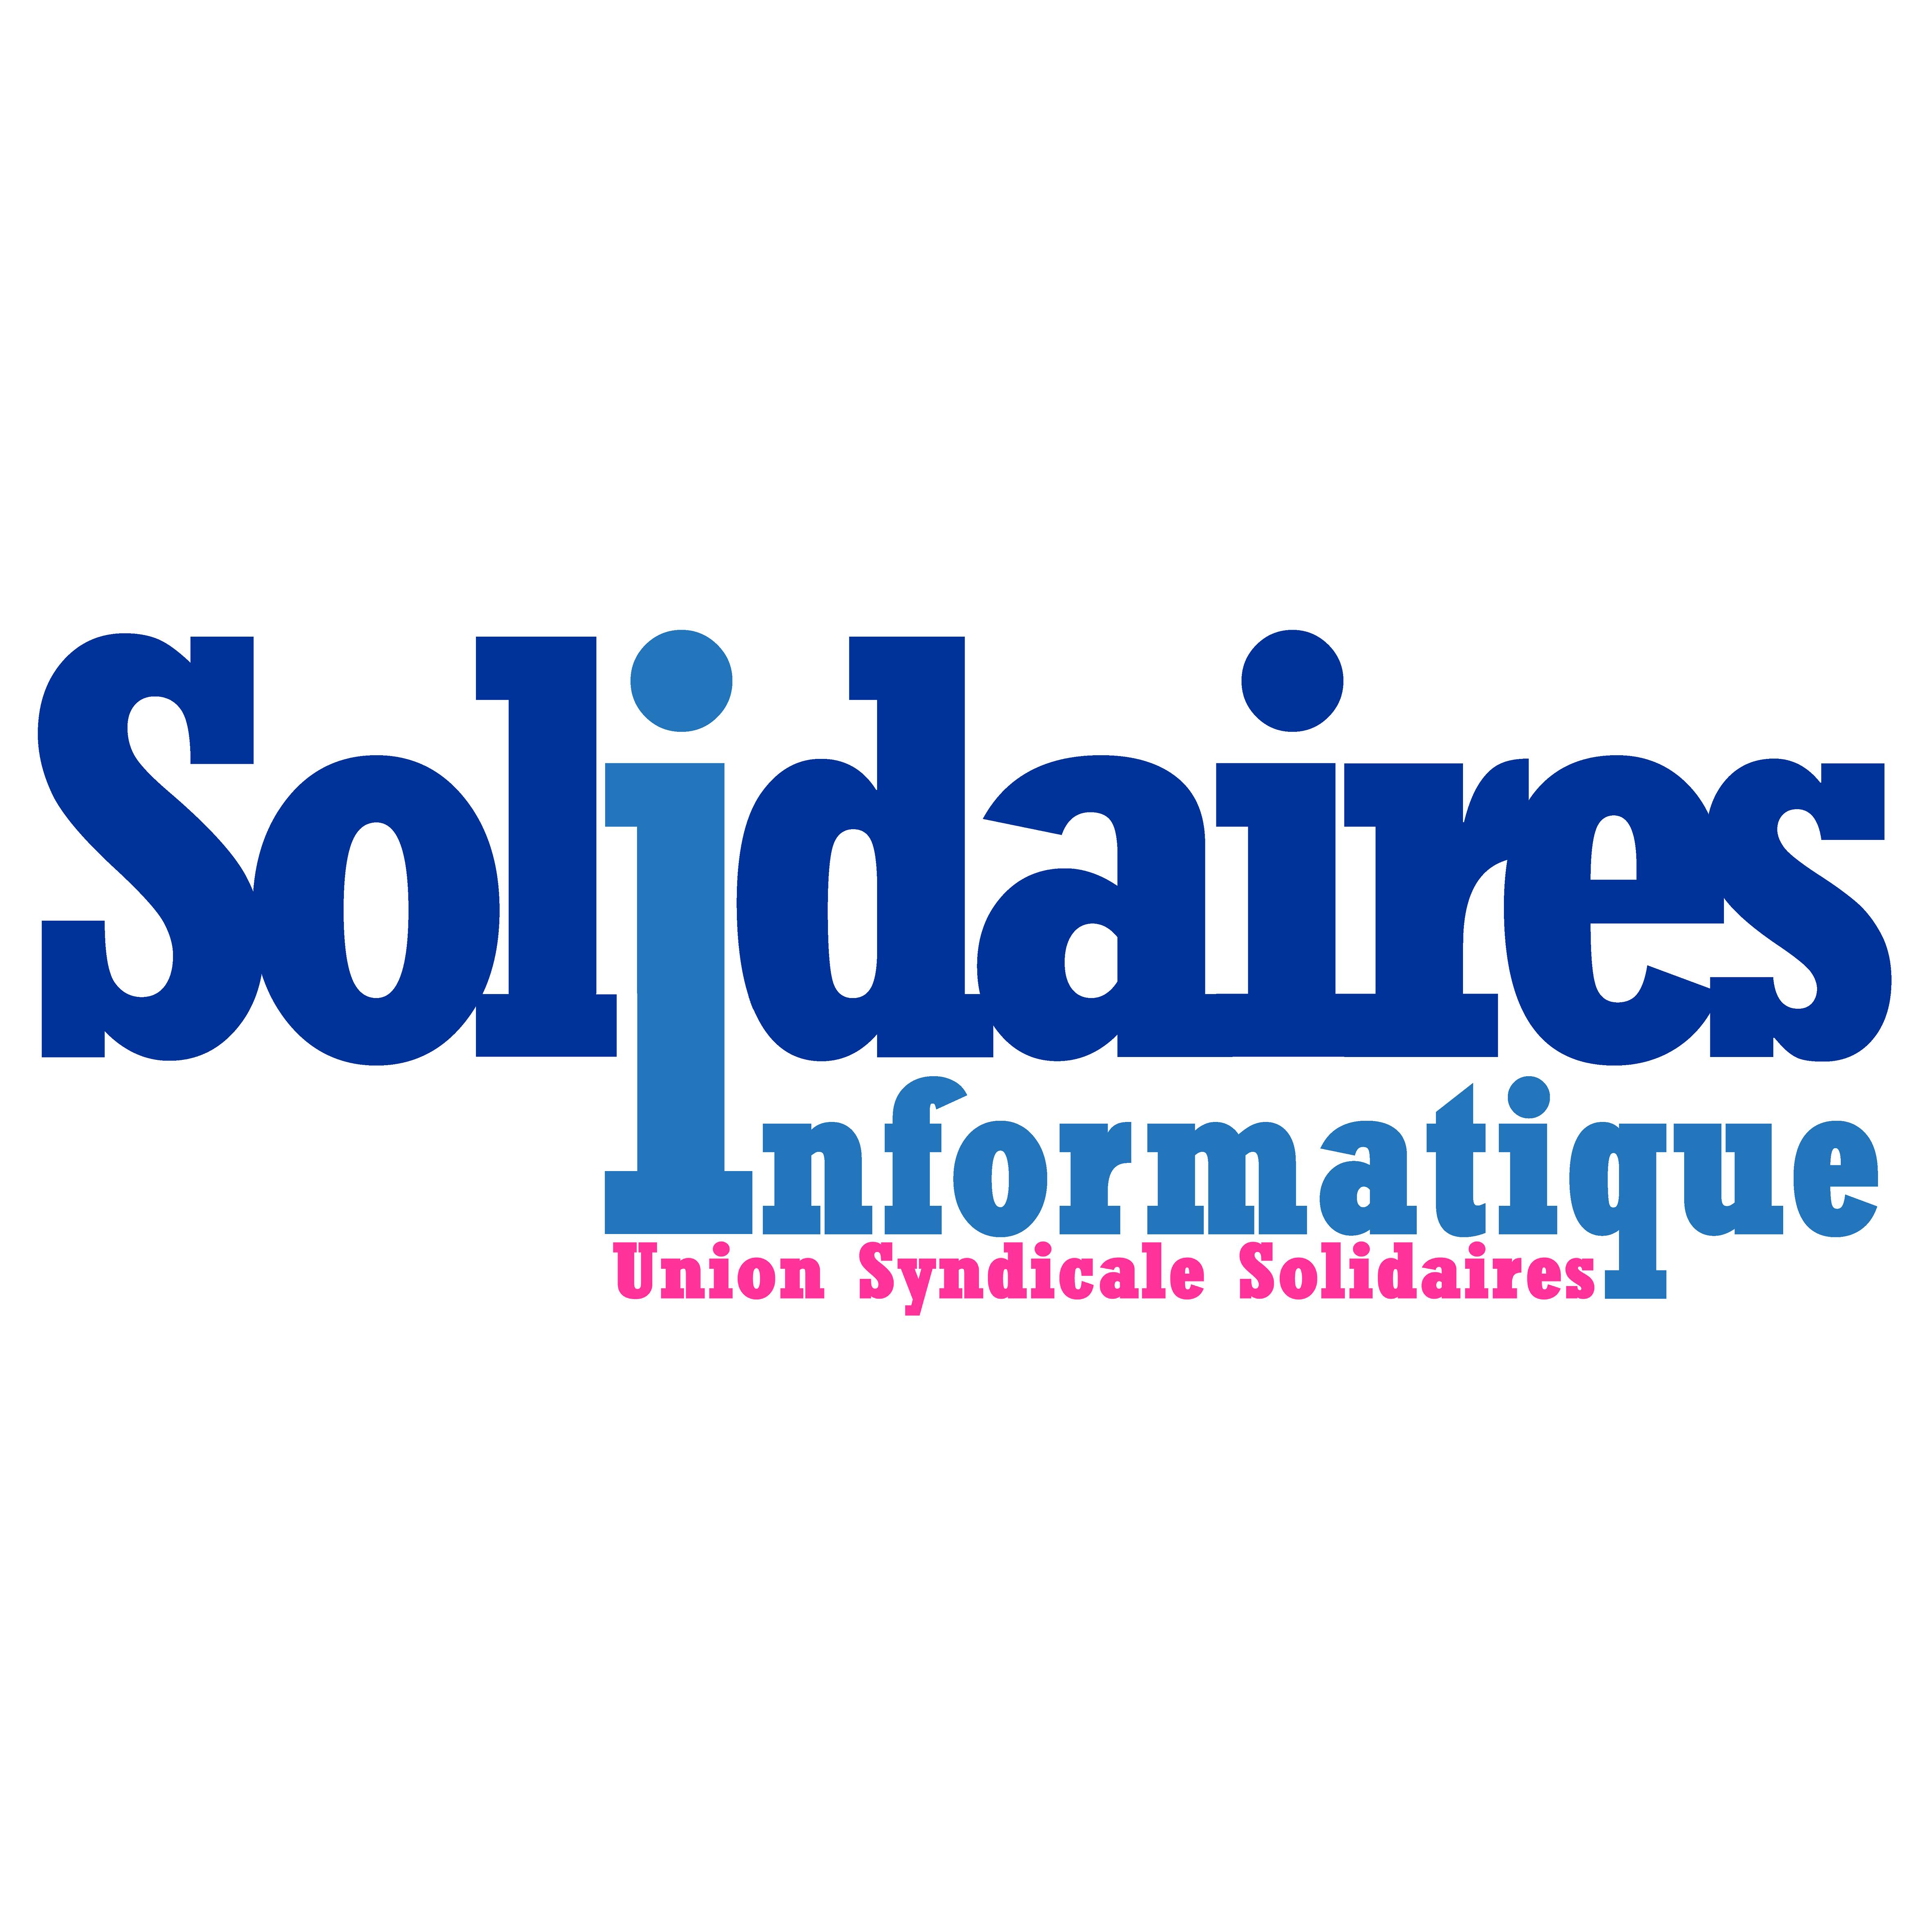 Appel à la grève de Solidaires Informatique pour le 4 février